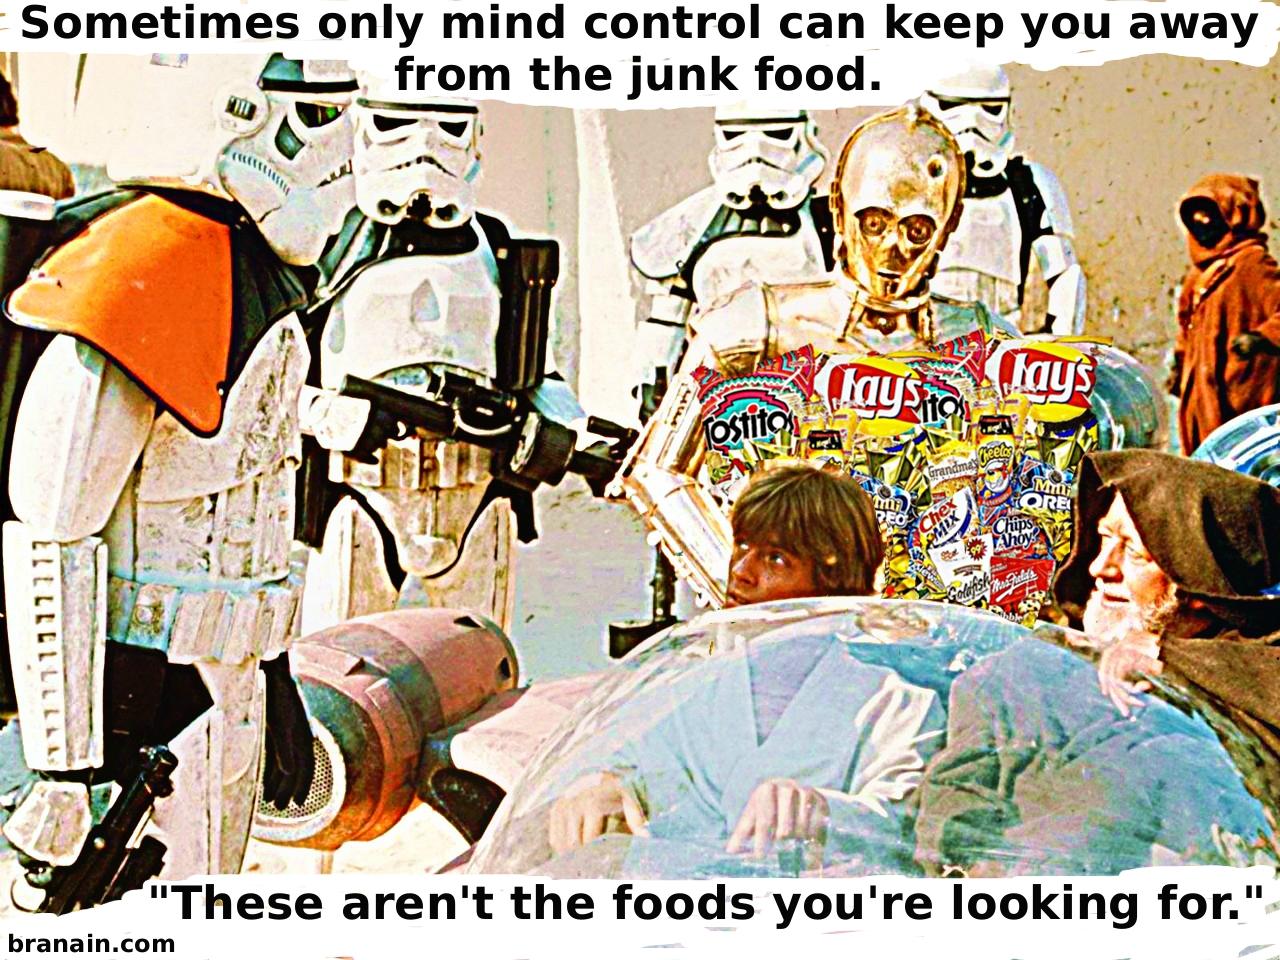 Star Wars diet - how to resist junk food